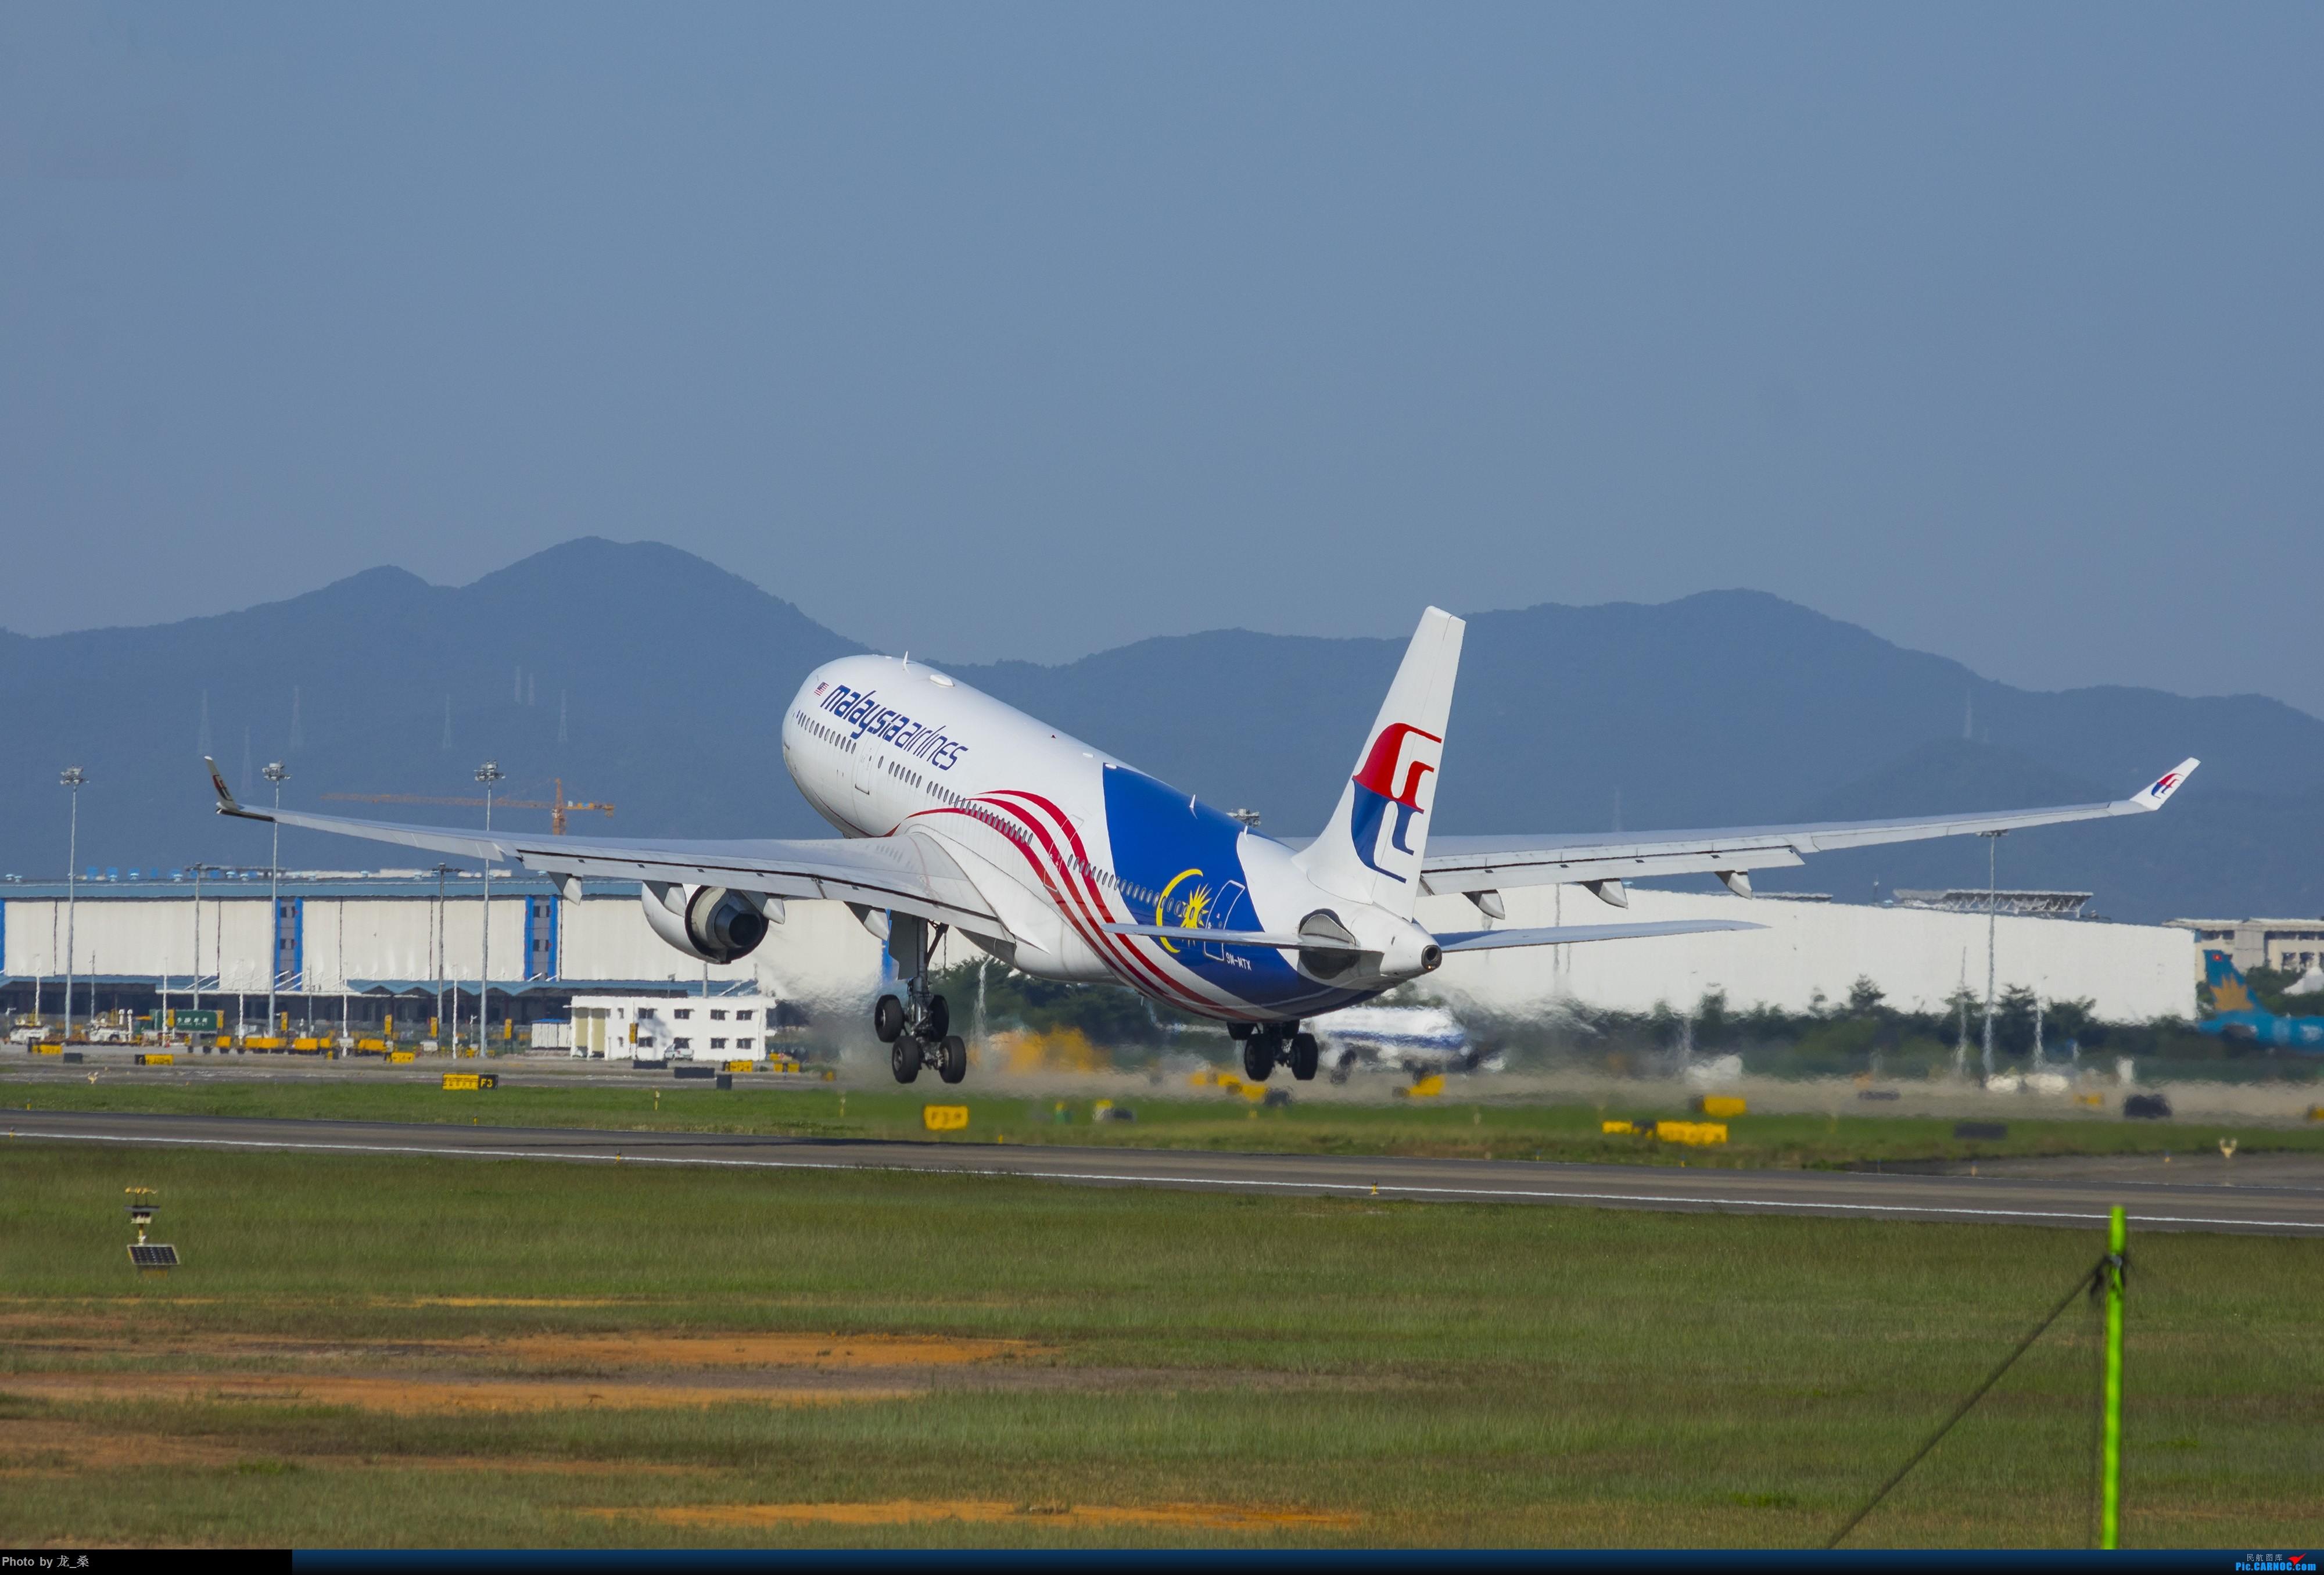 Re:[原创]发一组CAN的旧图,我可能是论坛唯一宾得党了吧 AIRBUS A330-200 9M-MTX 中国广州白云国际机场